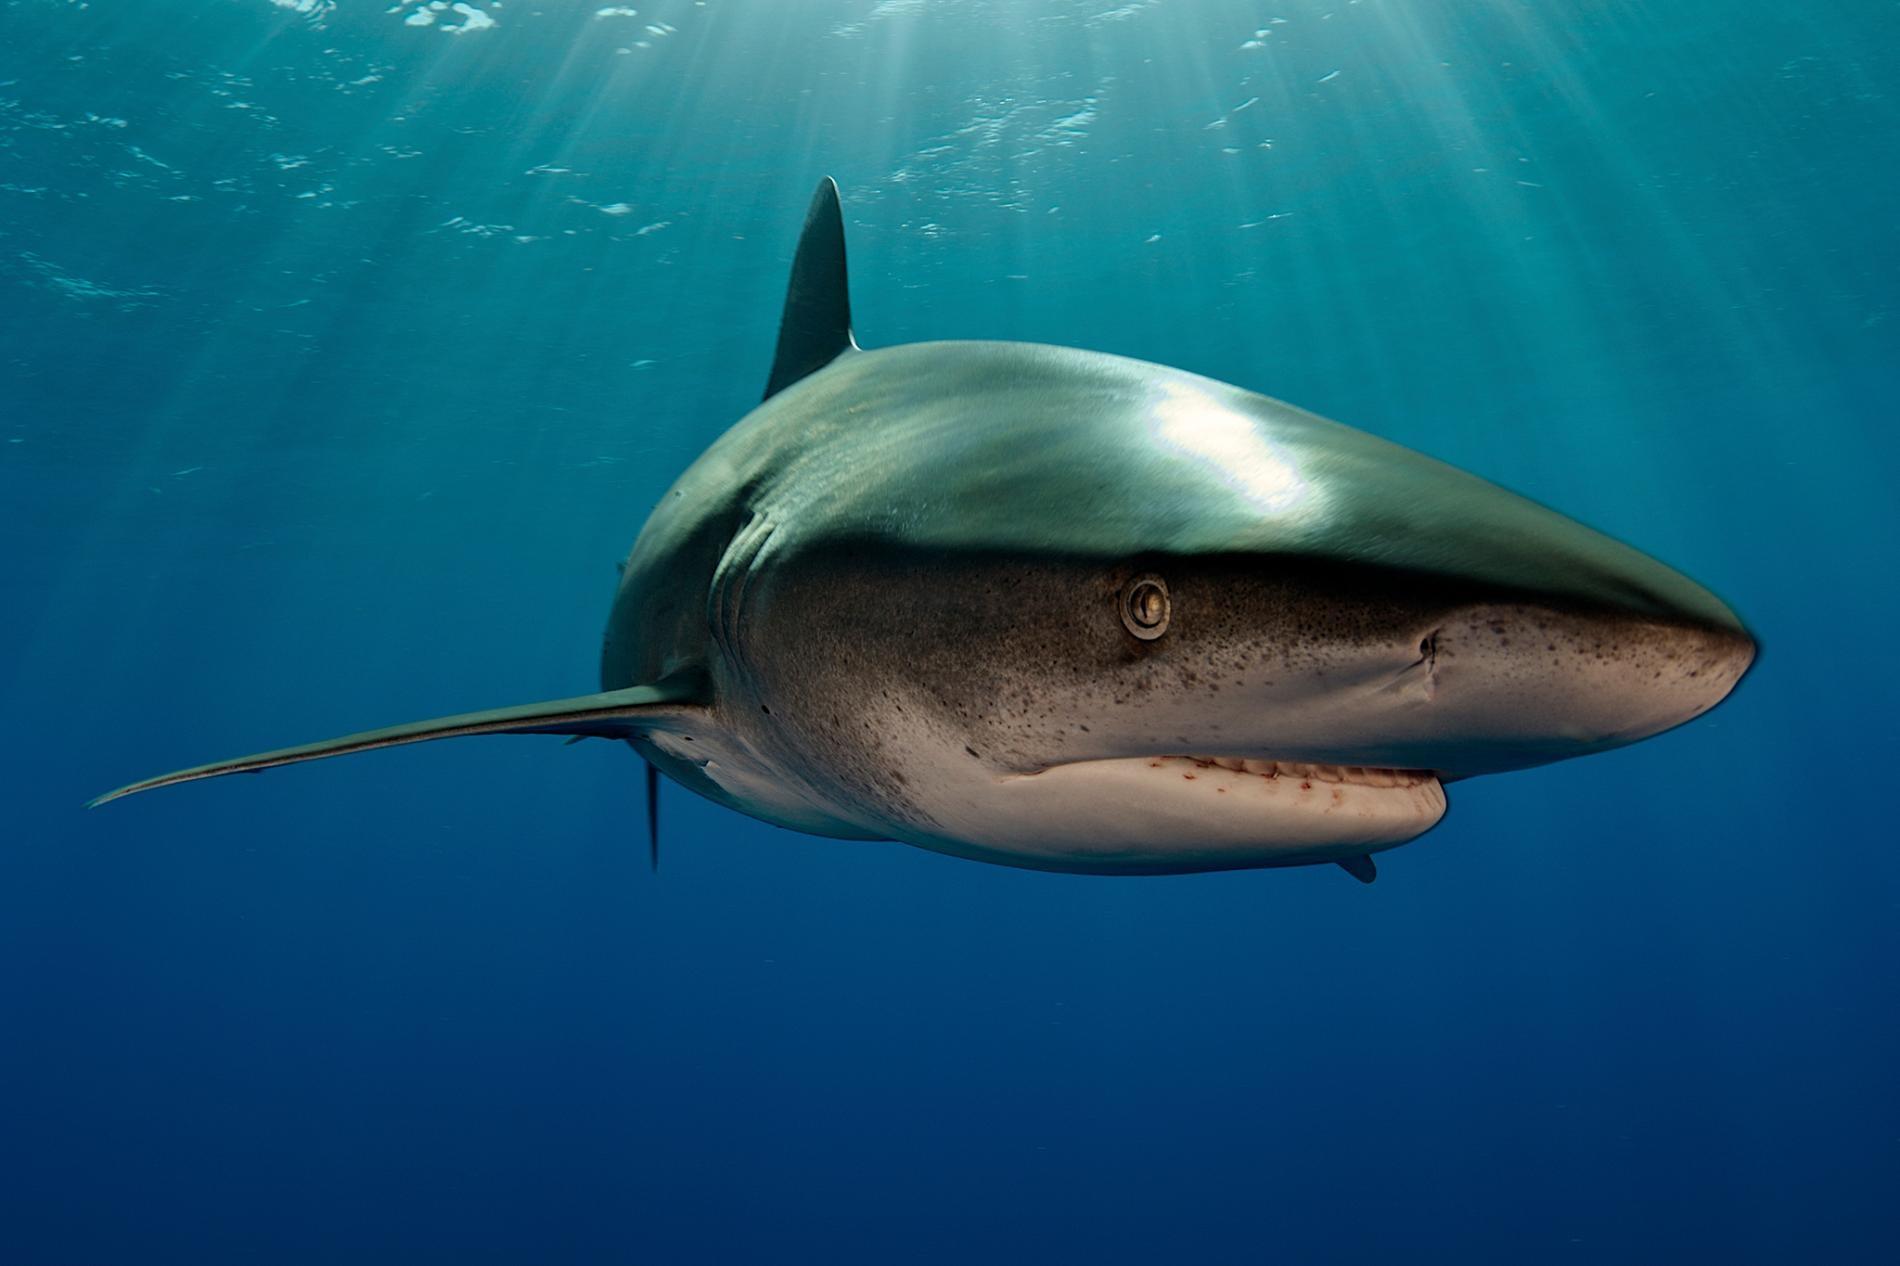 一條遠洋白鰭鯊(並非文中與烏賊相遇的那條)在巴哈馬的水域悠游。白鰭鯊通常在淺水域狩獵,讓這次的發現更引人入勝。PHOTOGRAPH BY BRIAN J. SKERRY, NAT GEO IMAGE COLLECTION